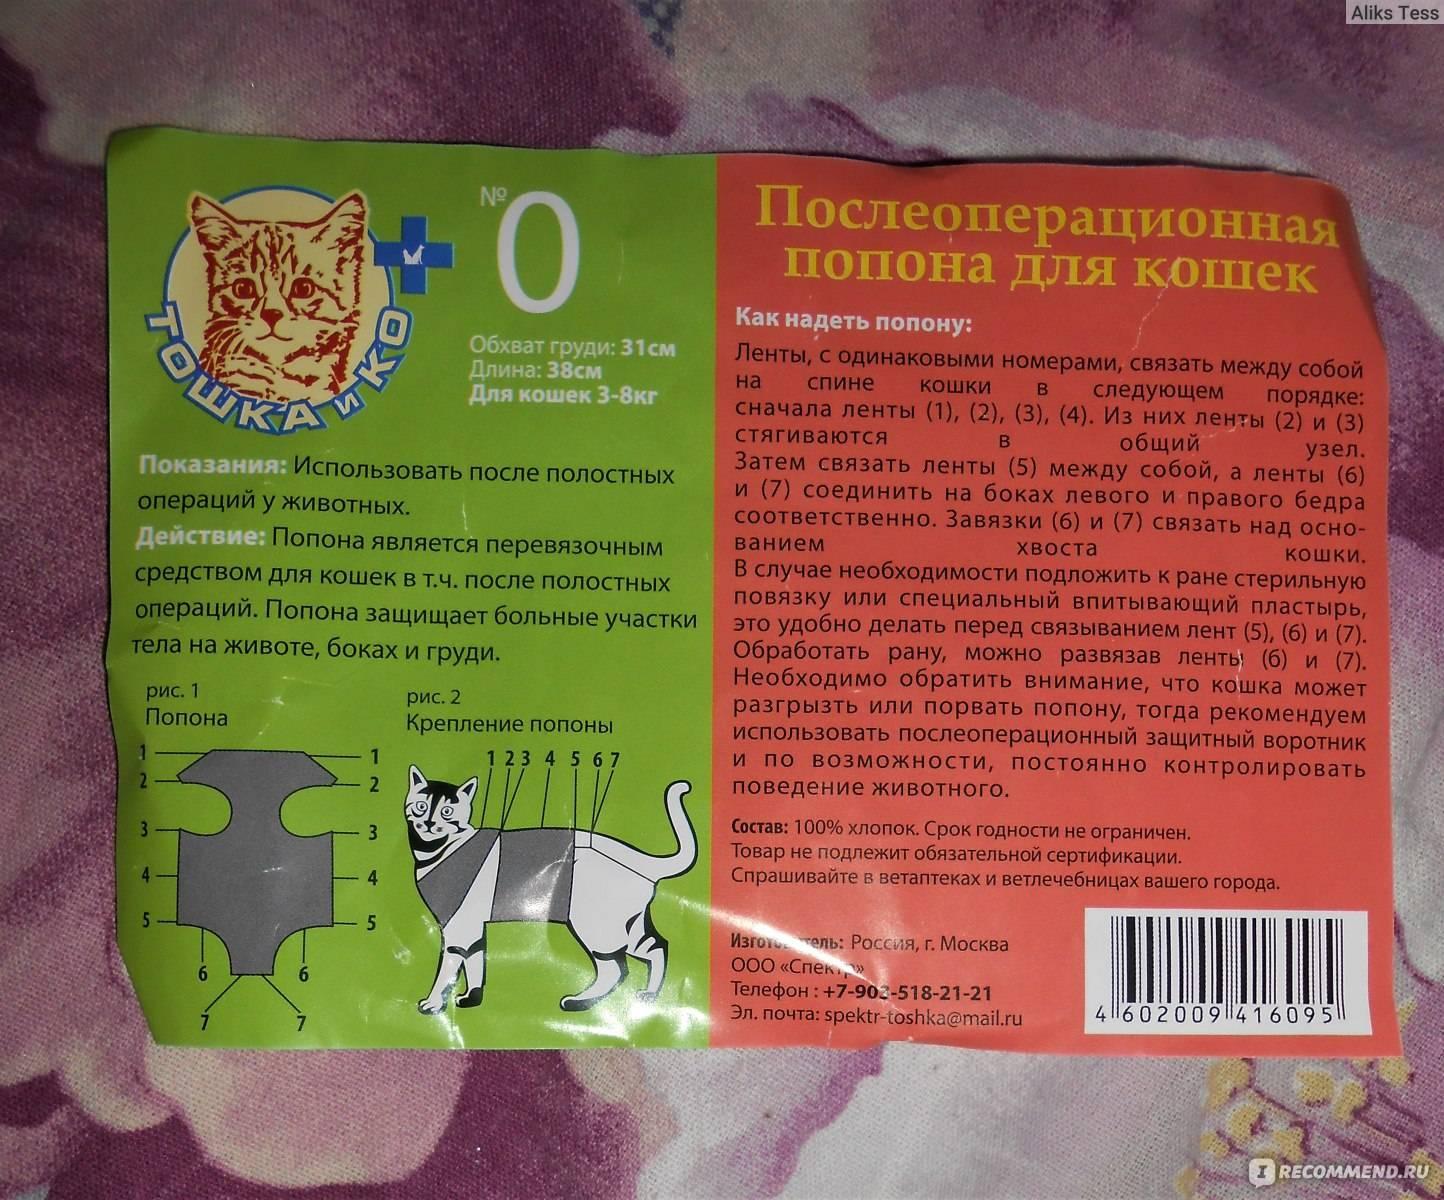 Попона для кошки после стерилизации: своими руками   фото, цена